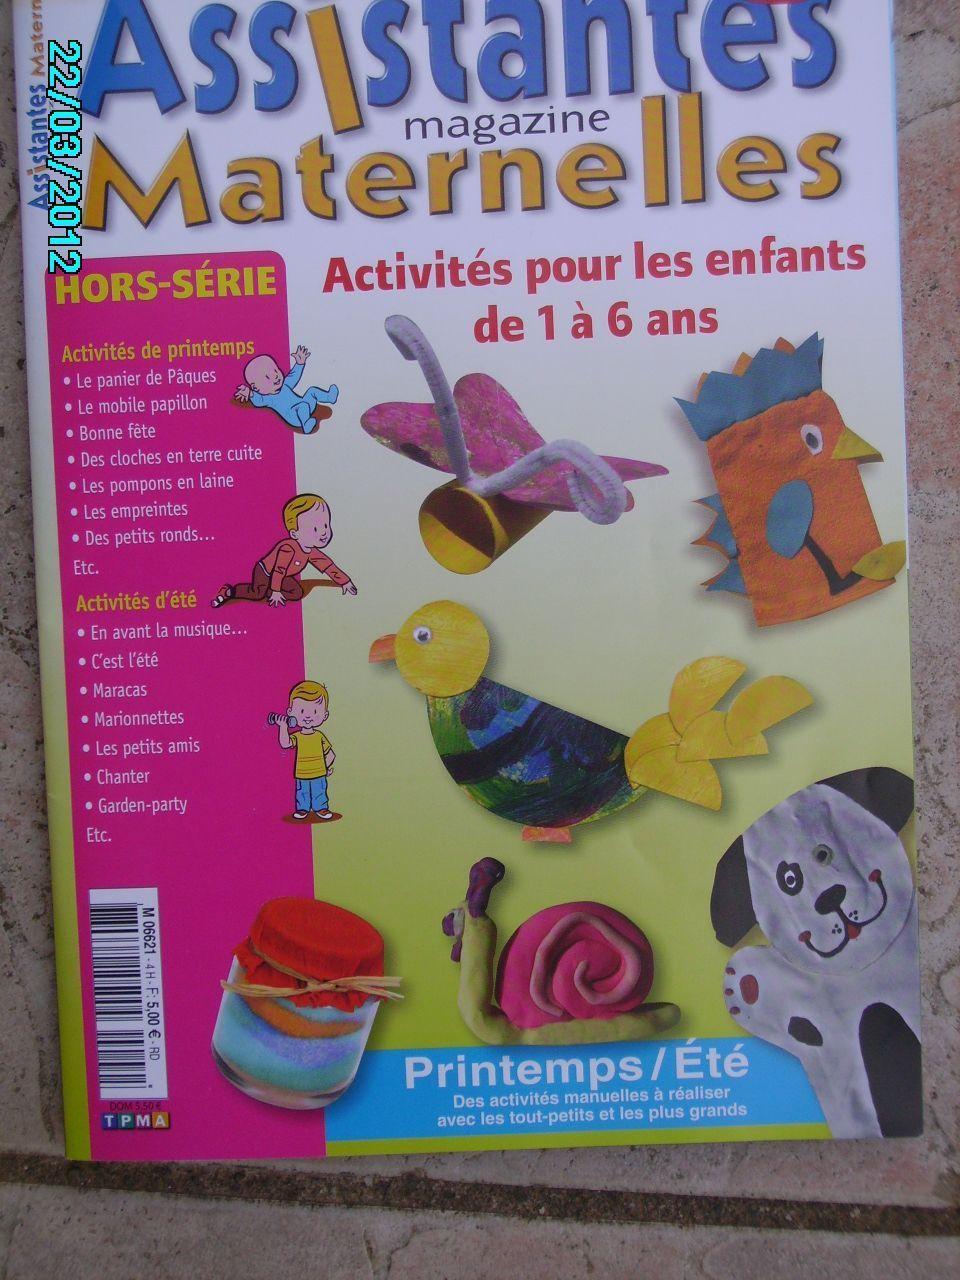 assistantes maternelles magazine, hors série n°4